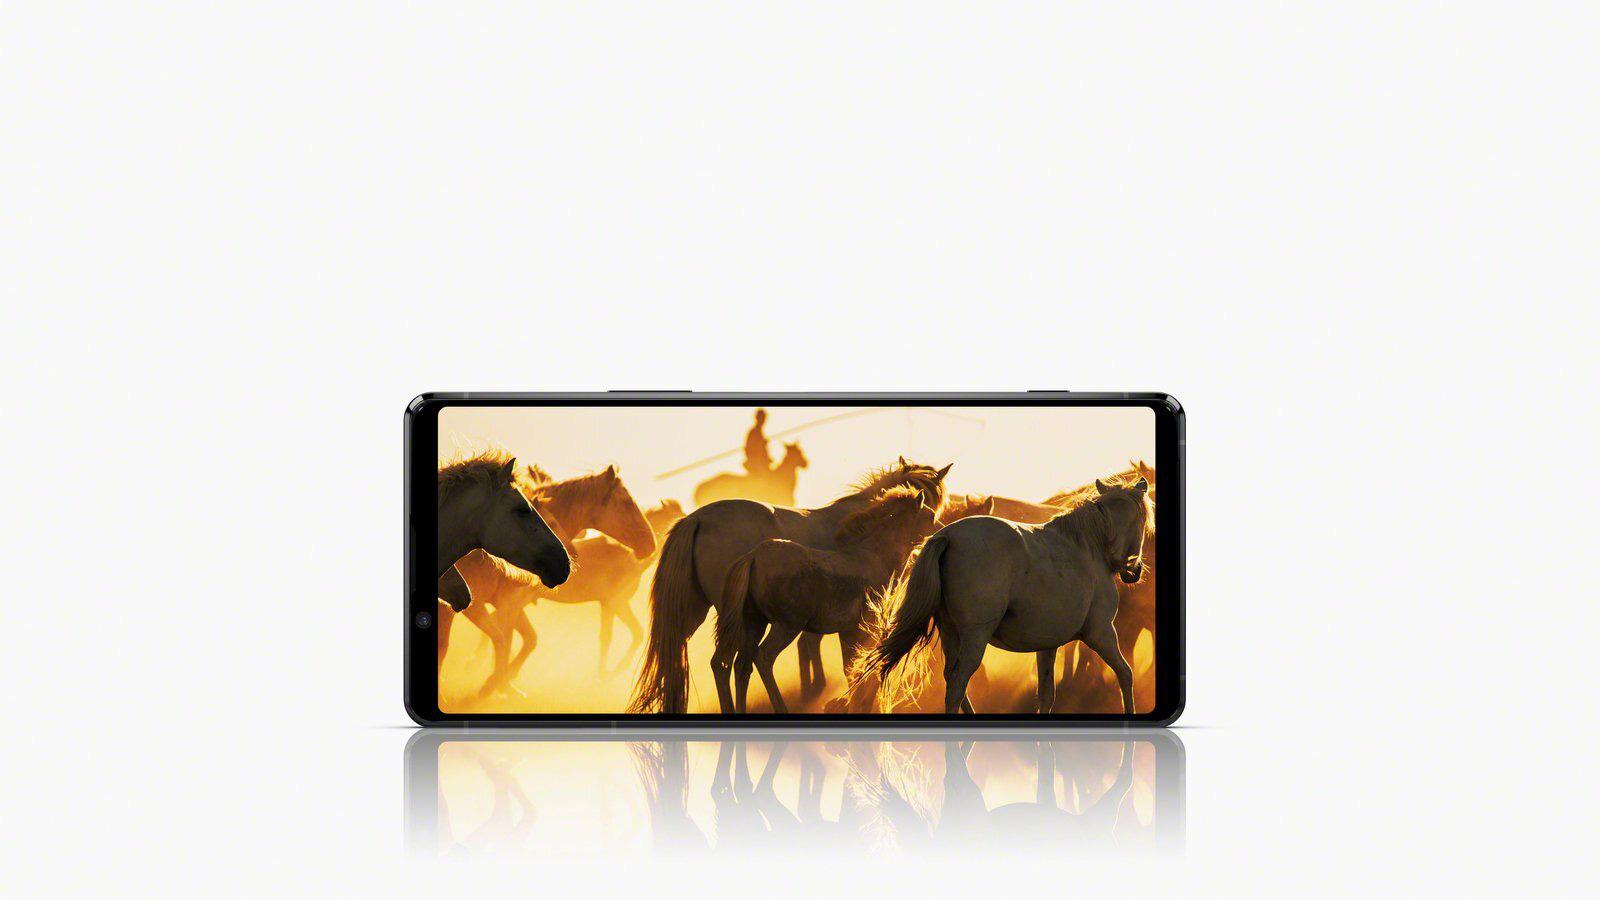 Sony Xperia 1 II, chiếc điện thoại 5G đẹp nhất của Sony đã lộ diện - Ảnh 3.